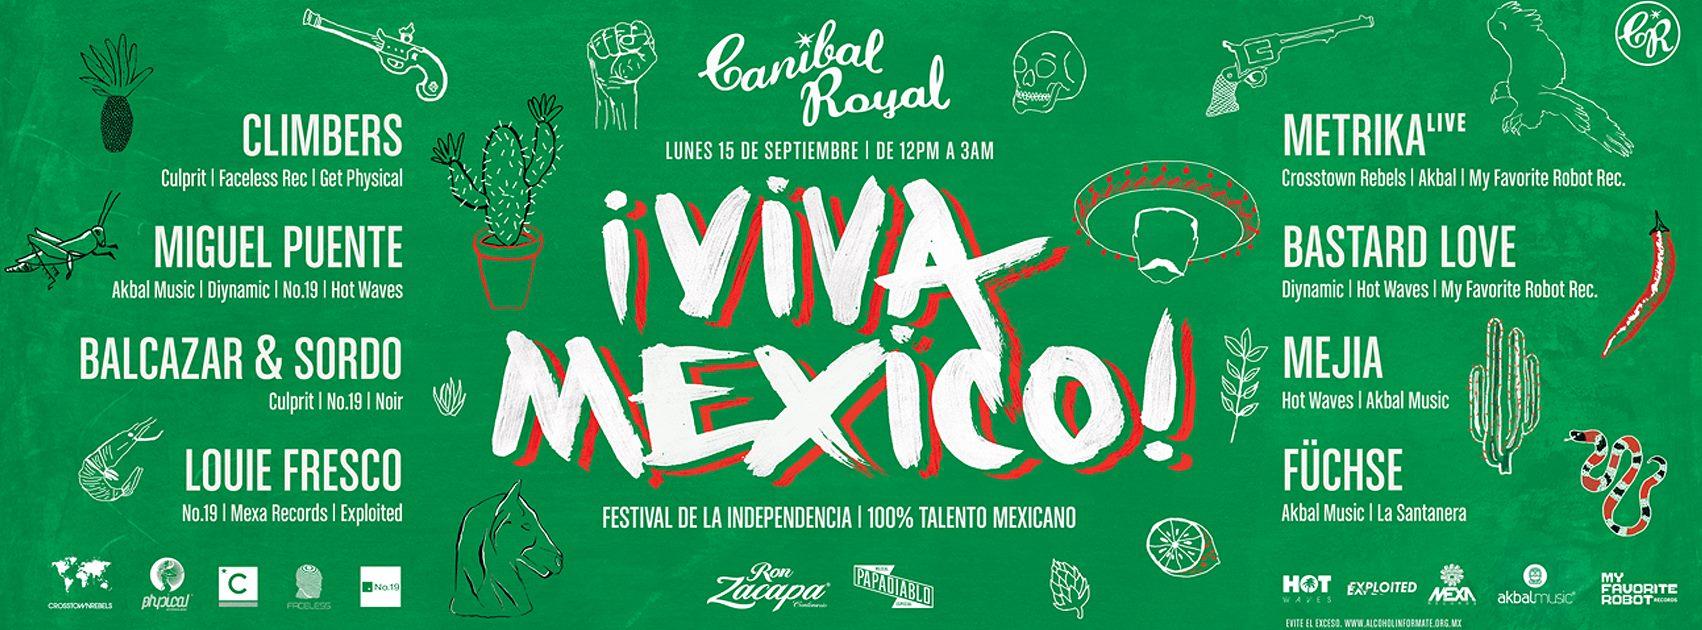 ¡Viva México! Festival de Independencia @ Canibal Royal